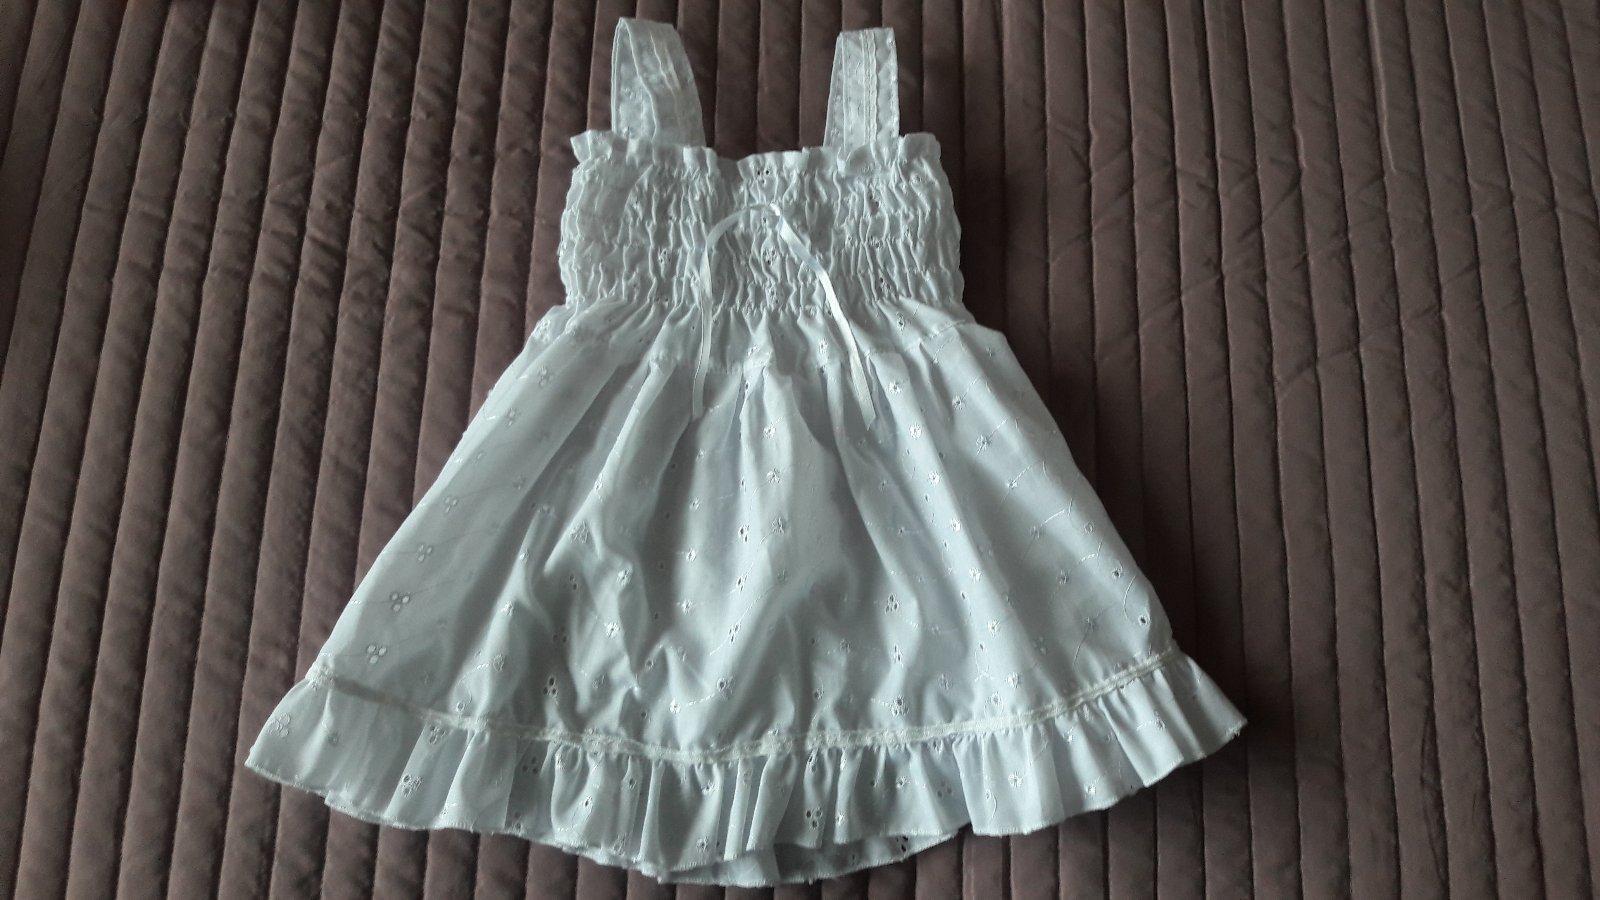 bfc78076c72e Predám pekné biele šaty na leto